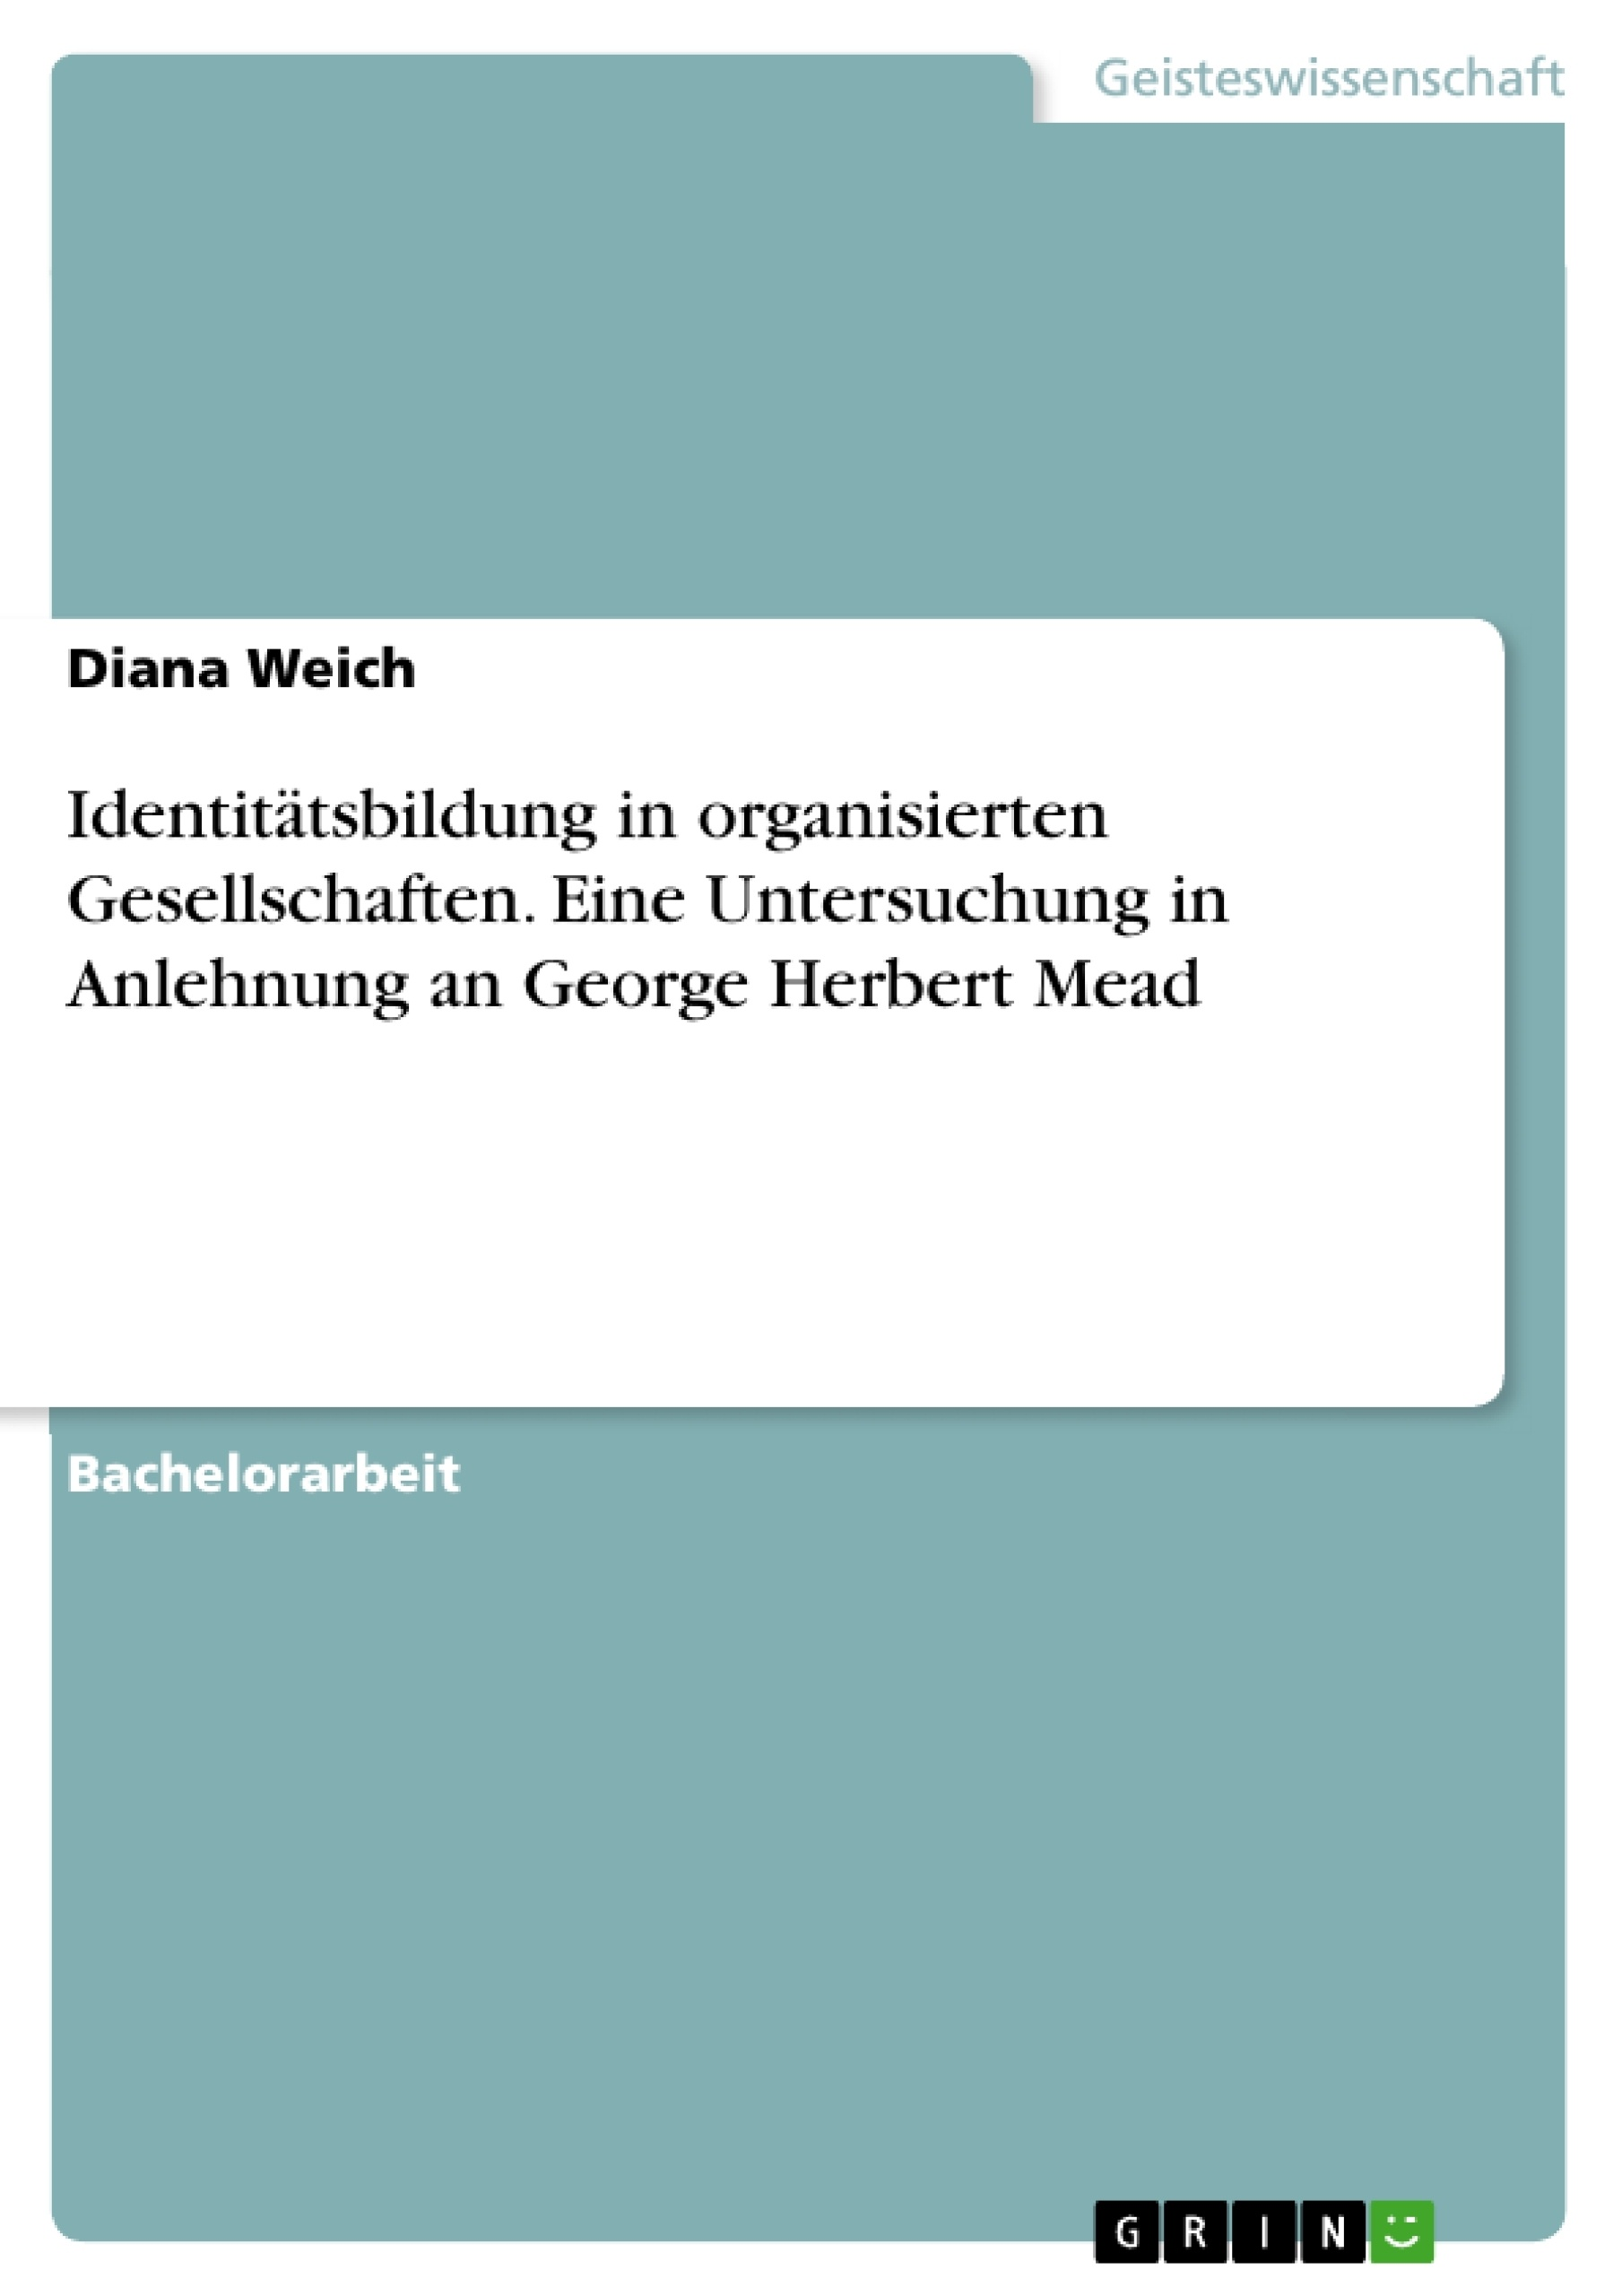 Titel: Identitätsbildung in organisierten Gesellschaften. Eine Untersuchung in Anlehnung an George Herbert Mead